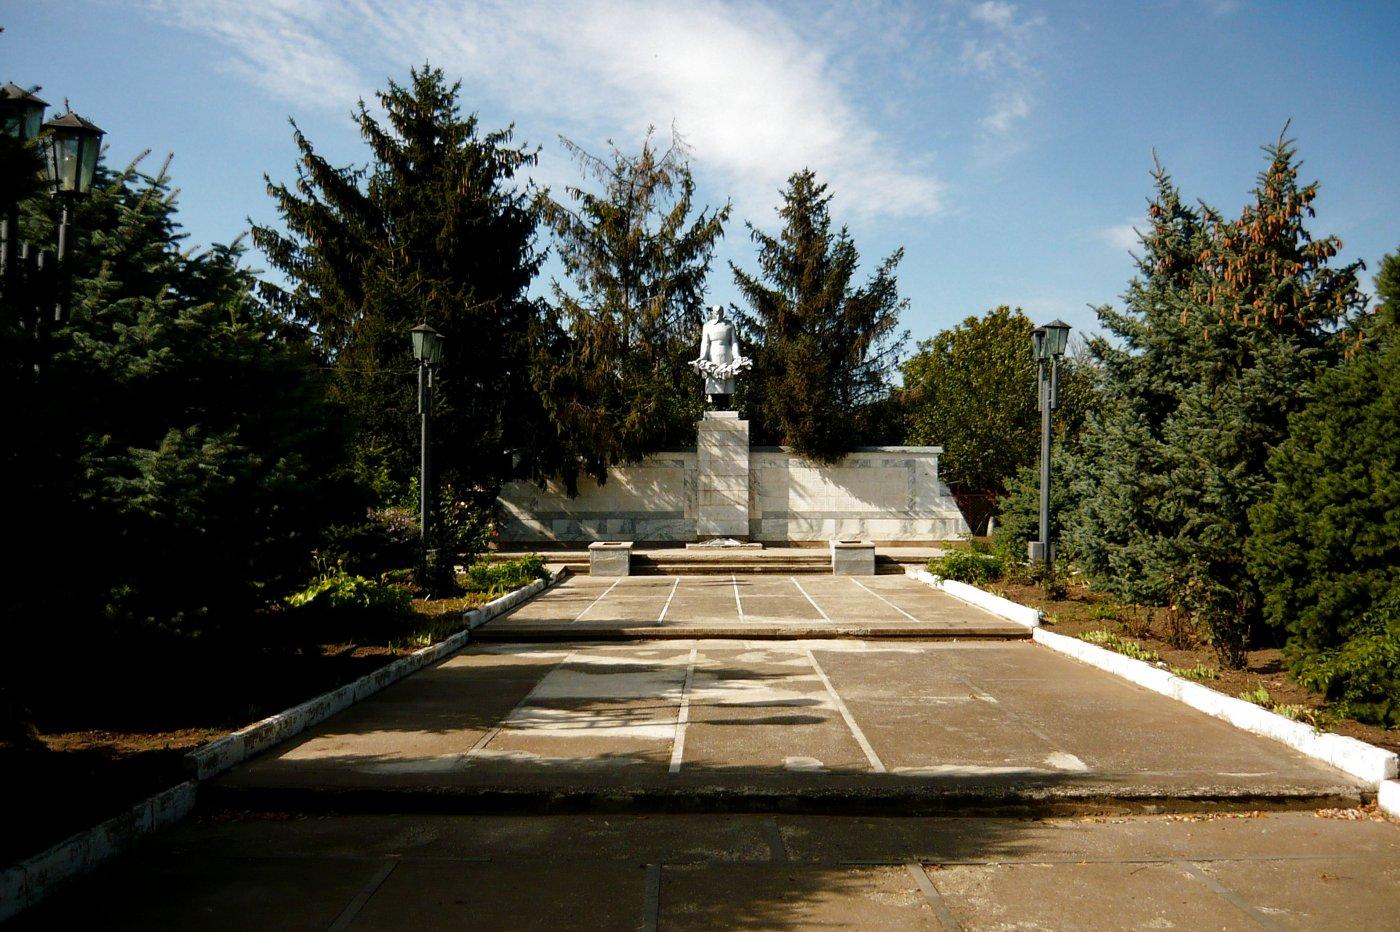 Фото s (28).JPG. Россия, Ставропольский край, Новоизобильный, Юбилейная улица